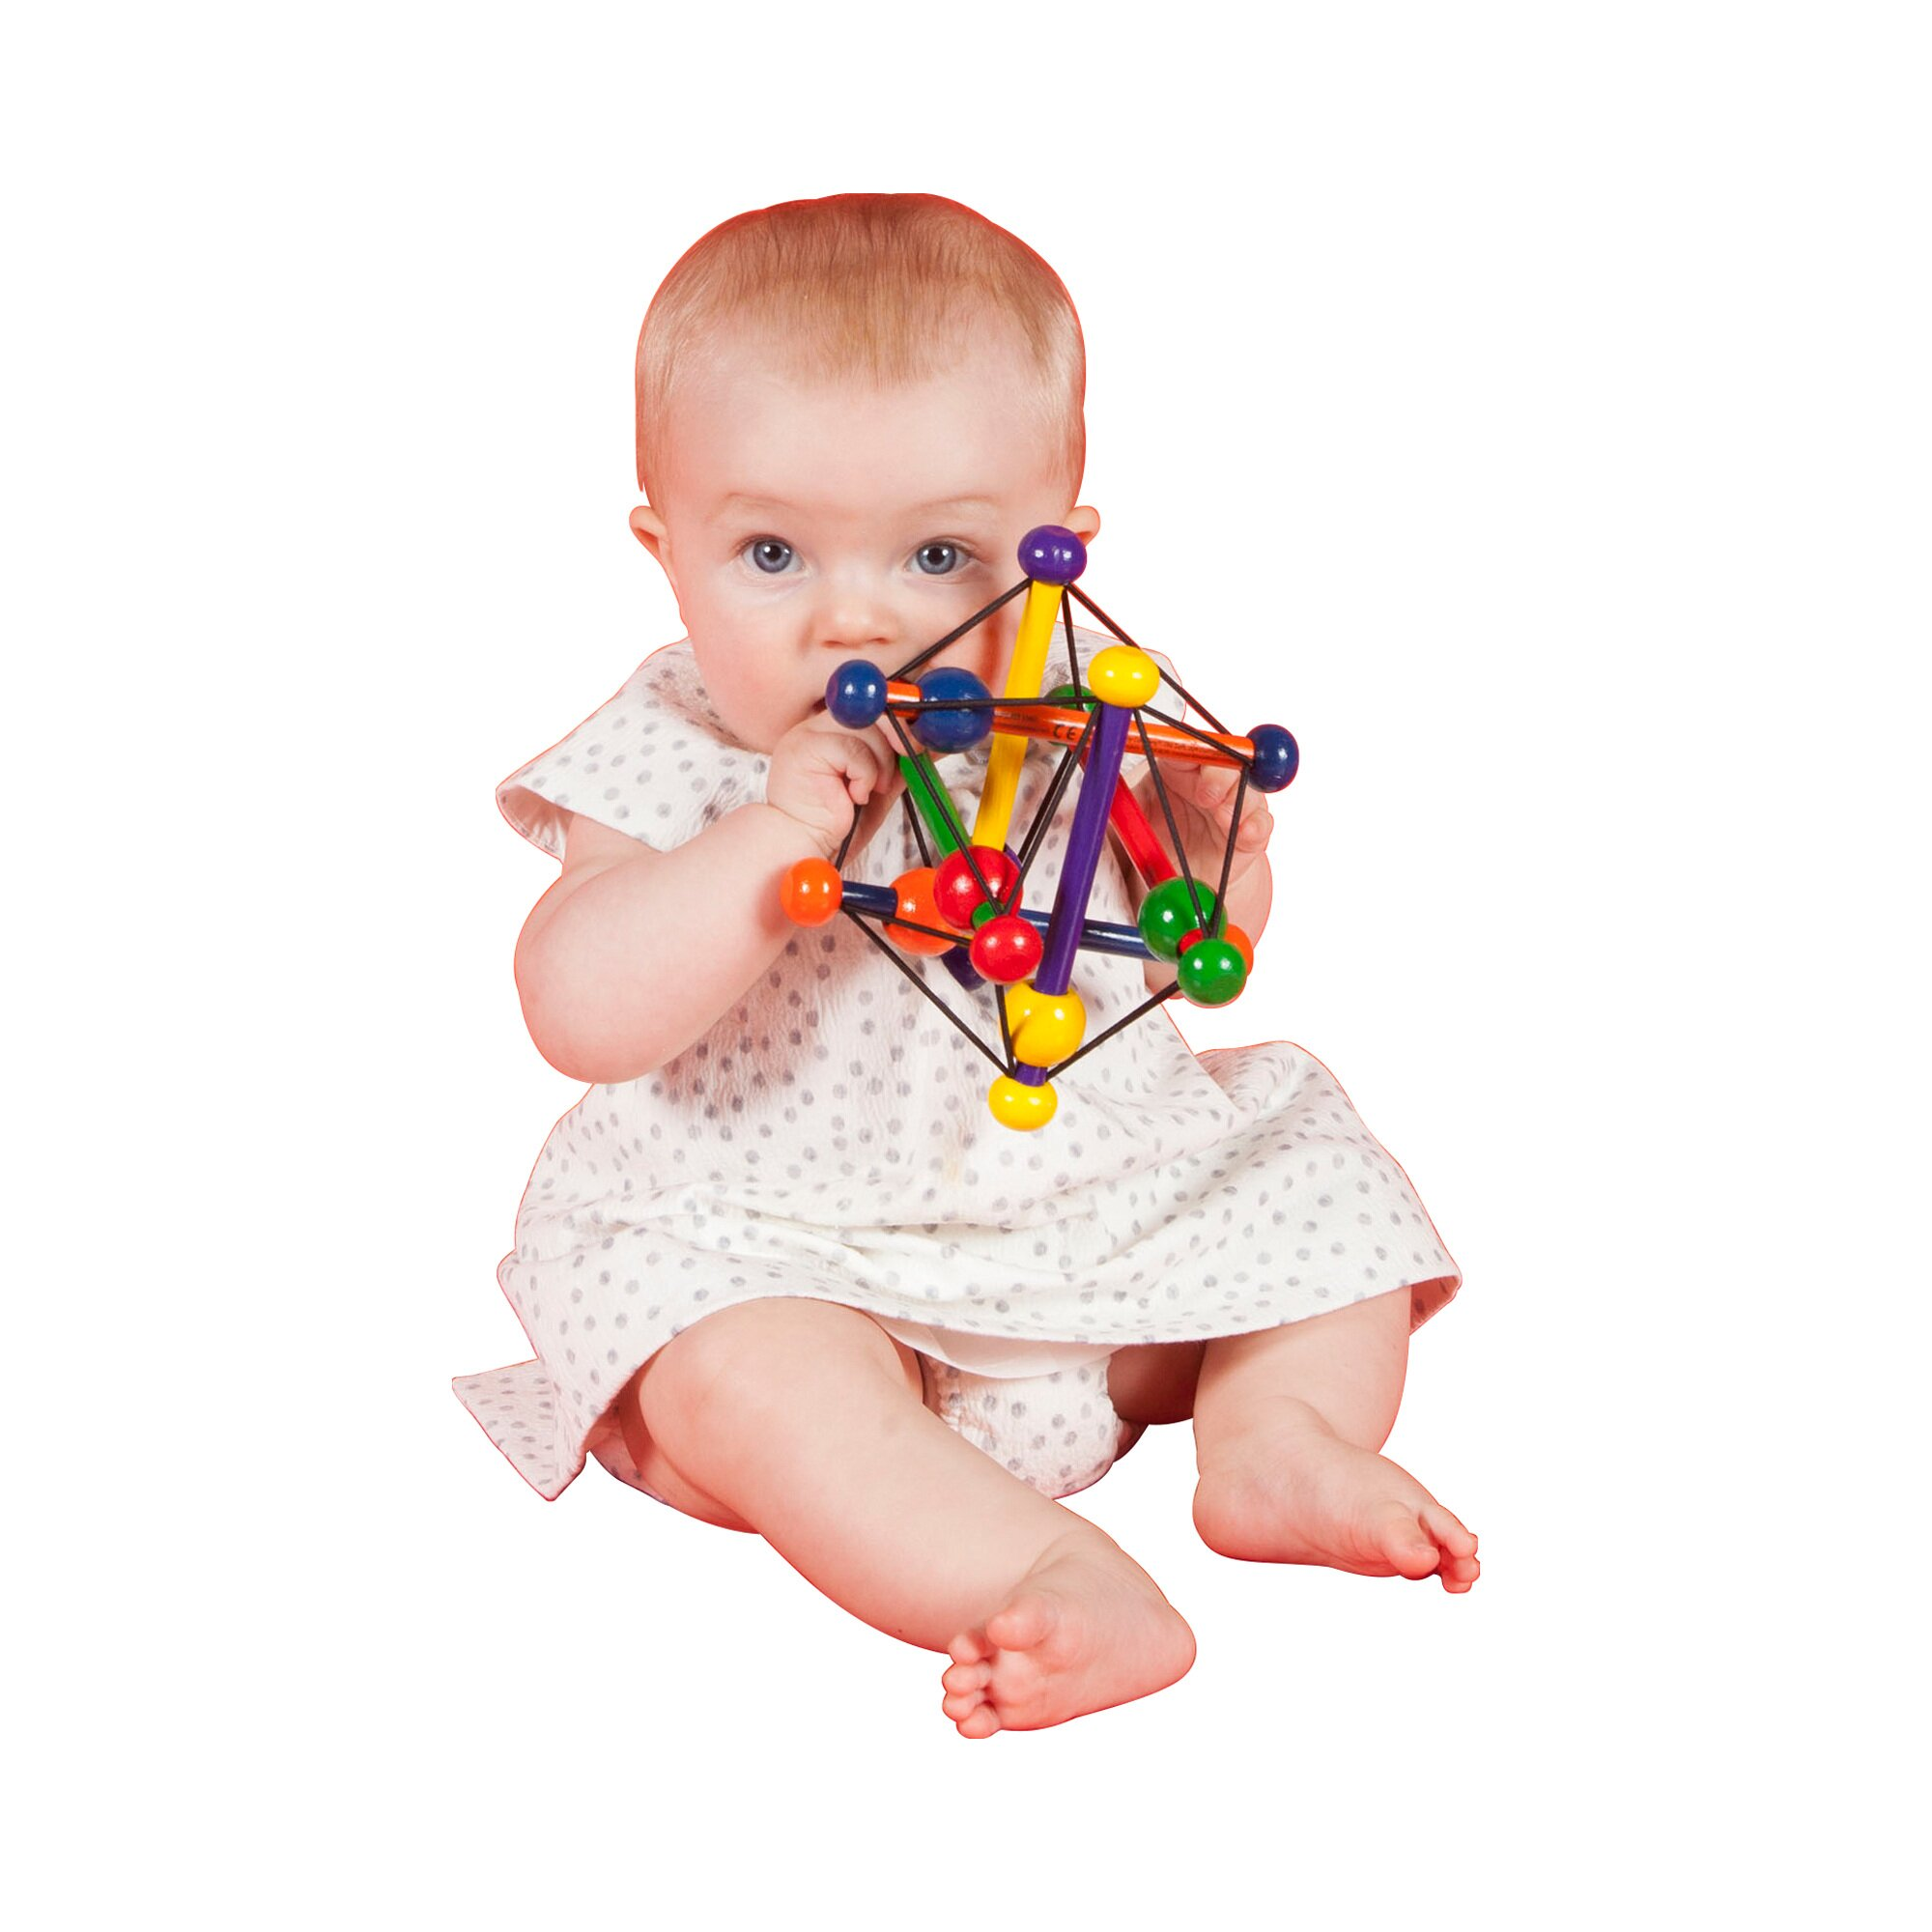 manhattan-toy-spielzeug-skwish-motorikschleife-mehrfarbig, 17.49 EUR @ babywalz-de